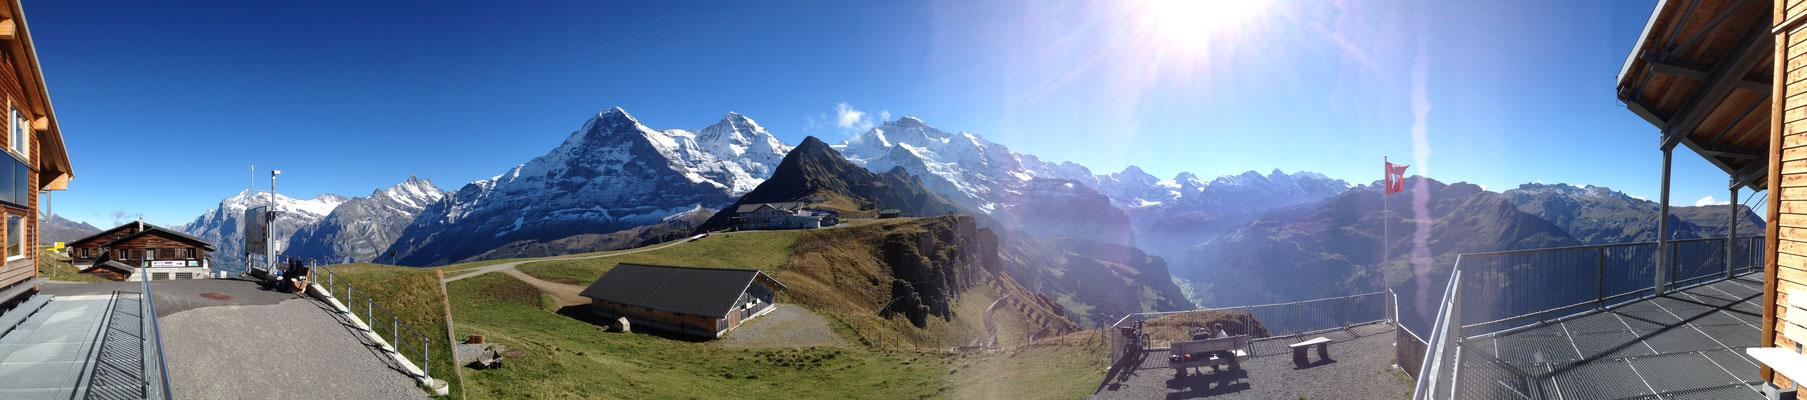 Eiger, Mönch und Jungfau im Panorama